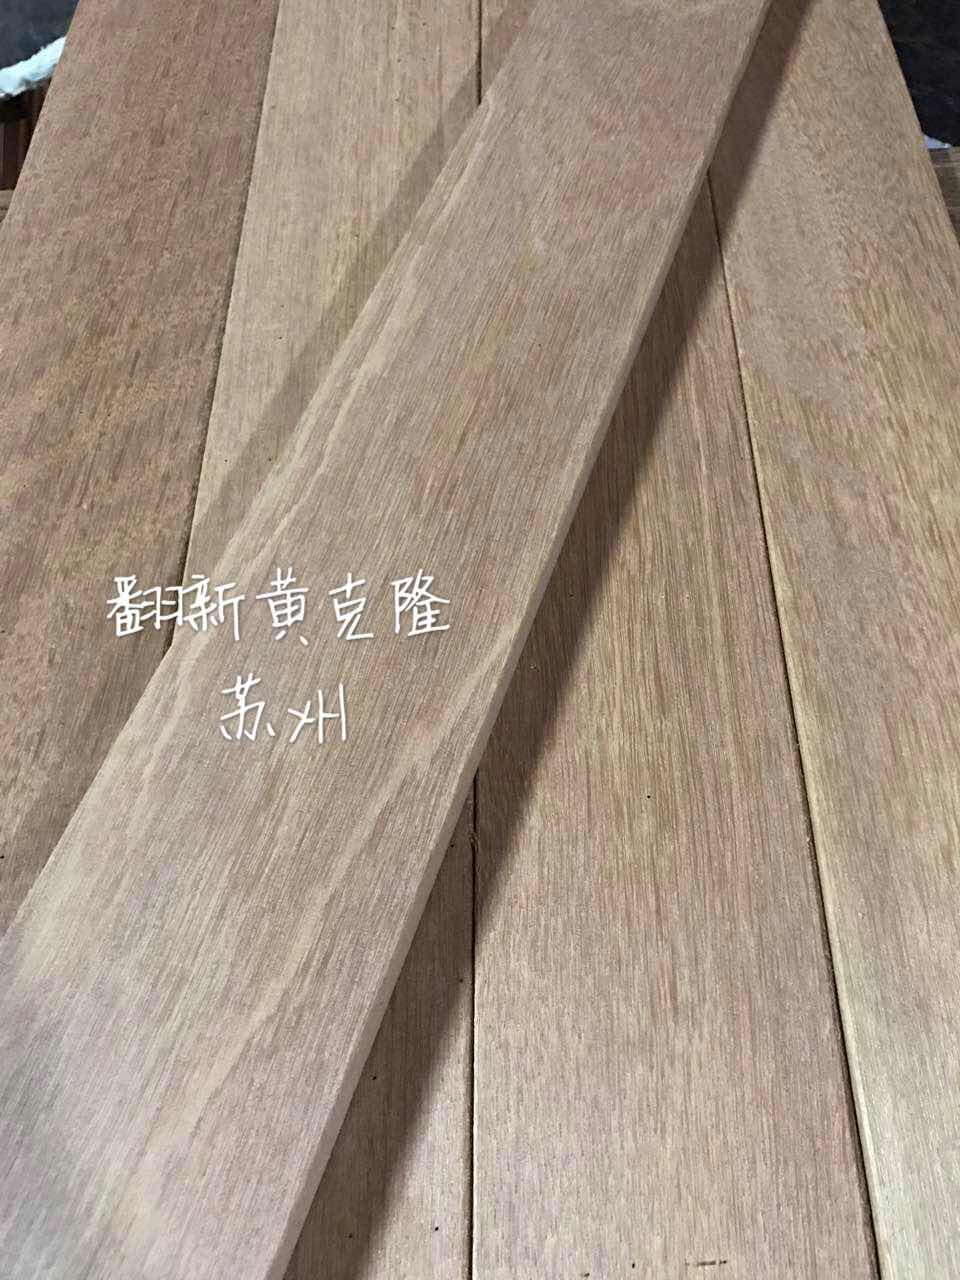 Topaz Tan jaune de clonage de remise à neuf d'occasion pur de plancher en bois massif de grumes de couleur antique de la protection de l'environnement dans la décoration d'intérieur de la plaque d'outillage